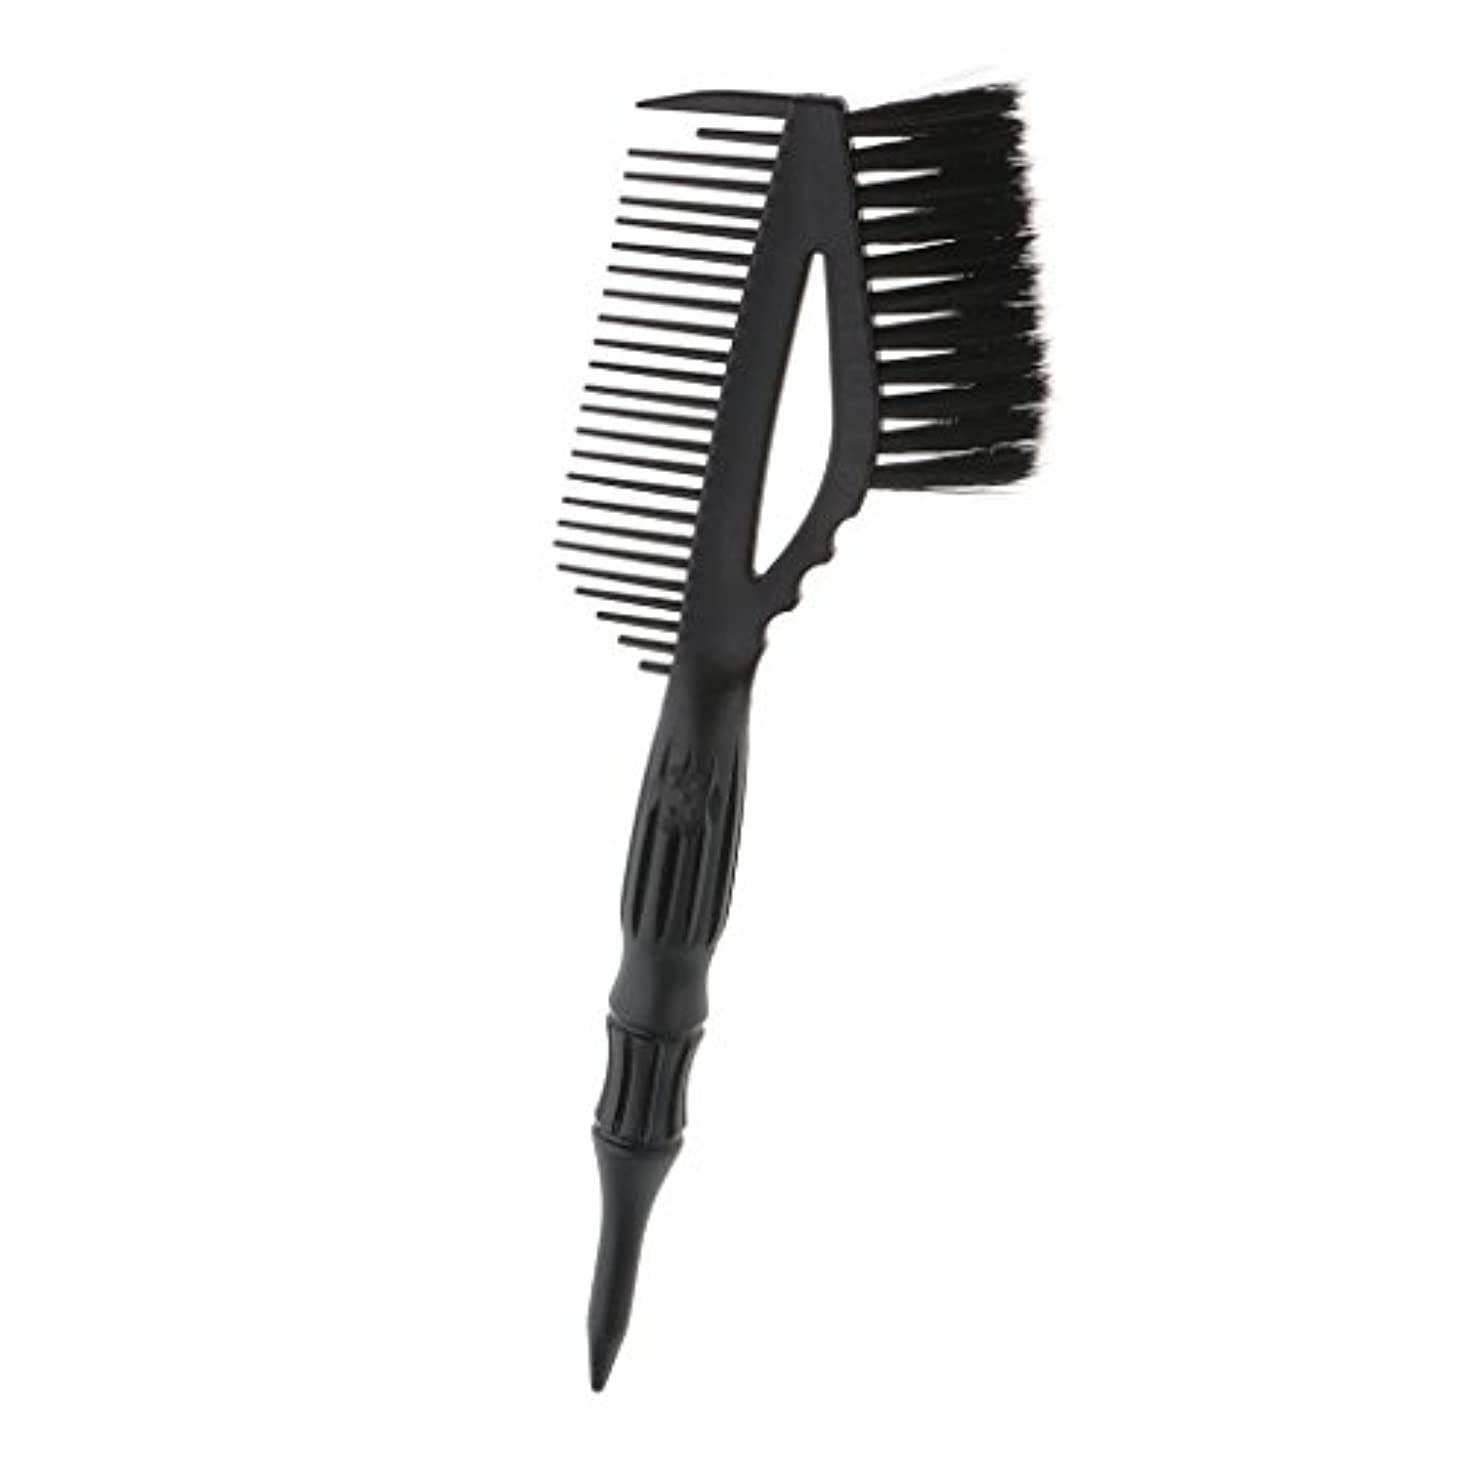 抵抗浮く弁護ヘア 染色 コーム ブラシ付き ヘアカラー 櫛 ヘアダイブラシ 静電気防止 高温耐性 全2色 - ブラック